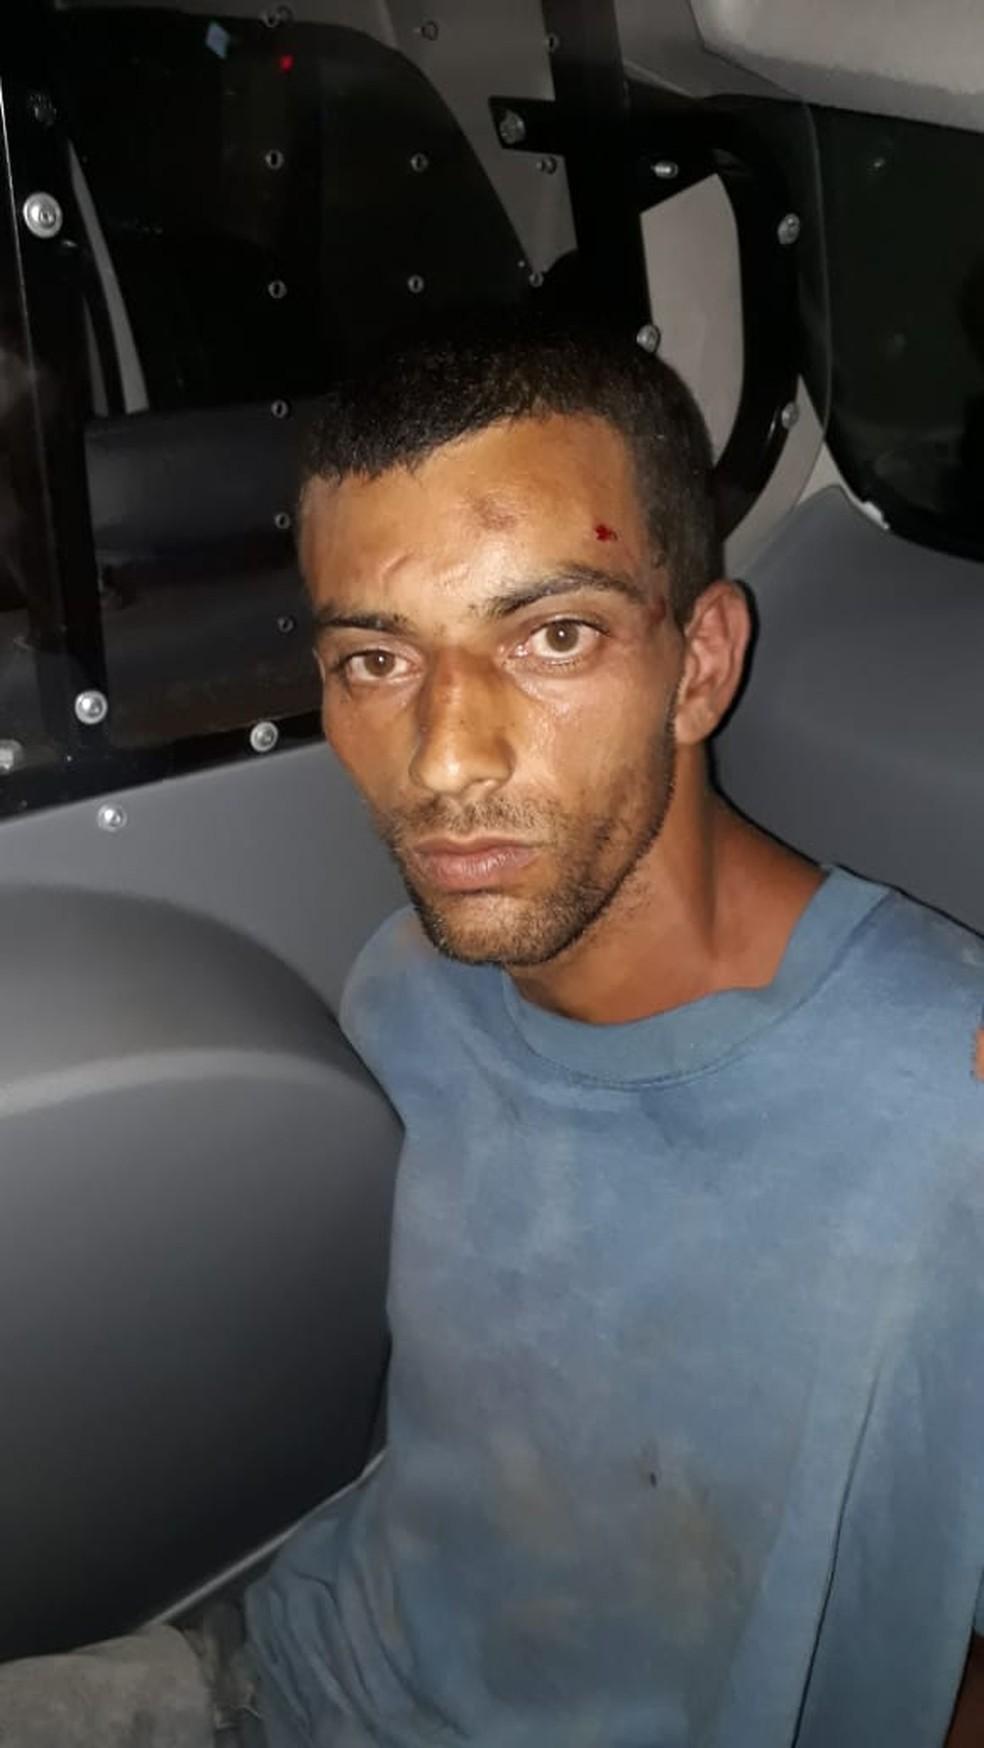 d83d86392 Homem é preso suspeito de sequestrar e estuprar jovem em Jaú | Bauru ...